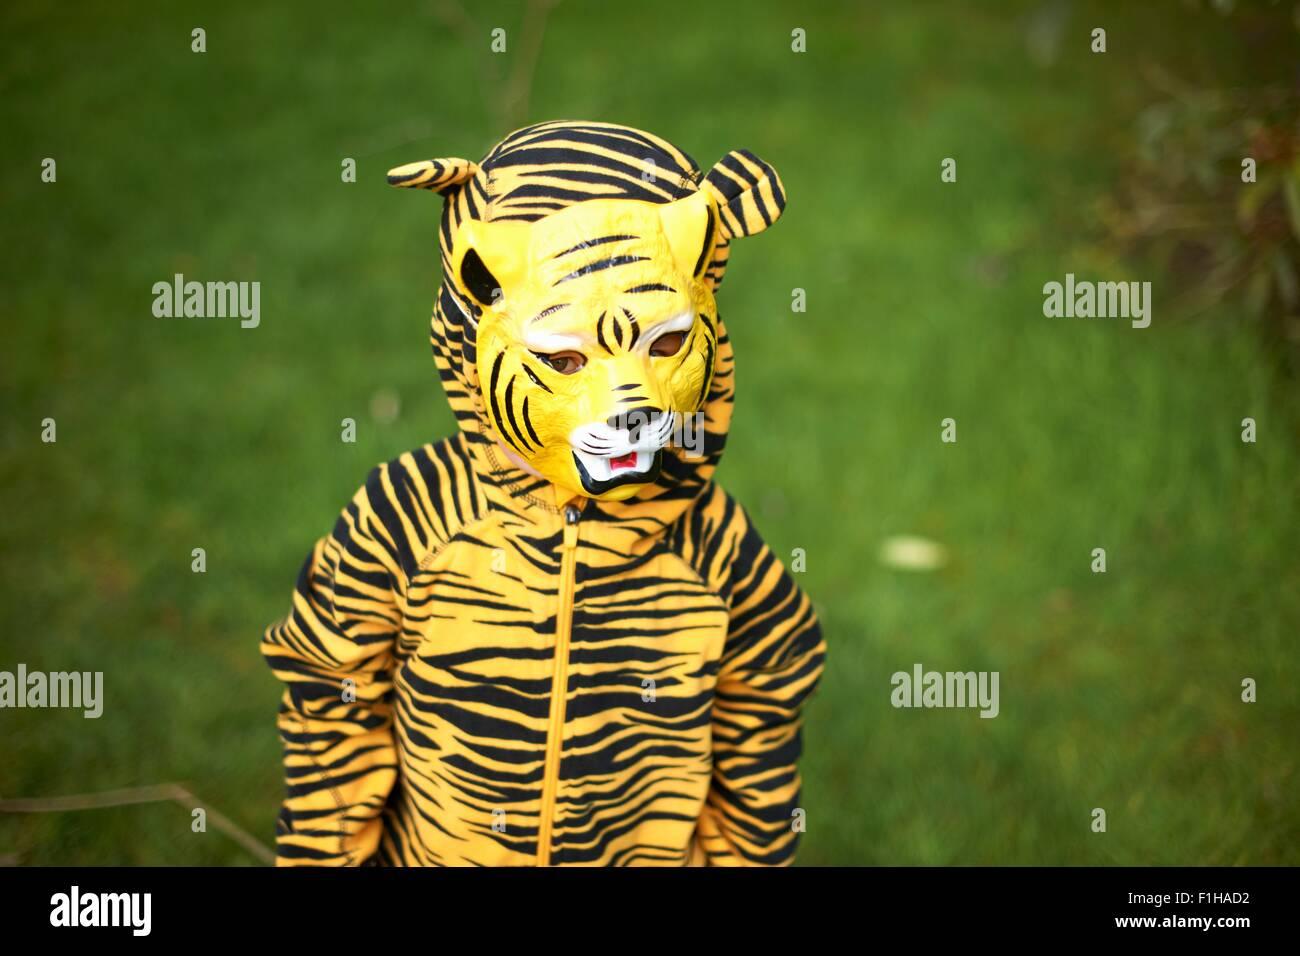 Jeune enfant habillé comme tiger Photo Stock